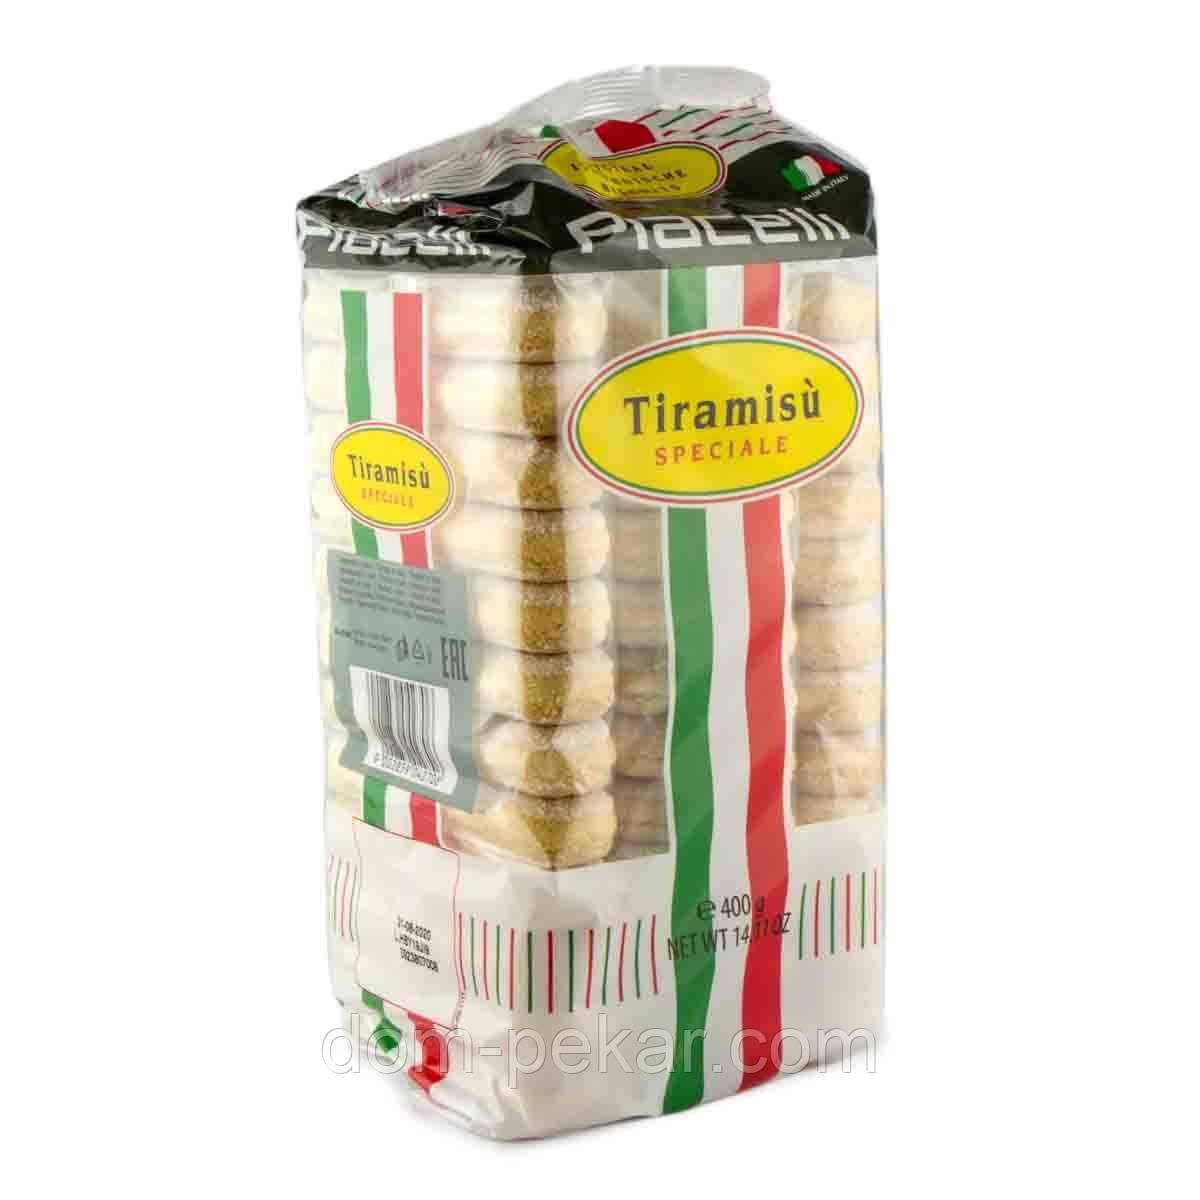 Савоярди Piacelli (Италия), 400 гр